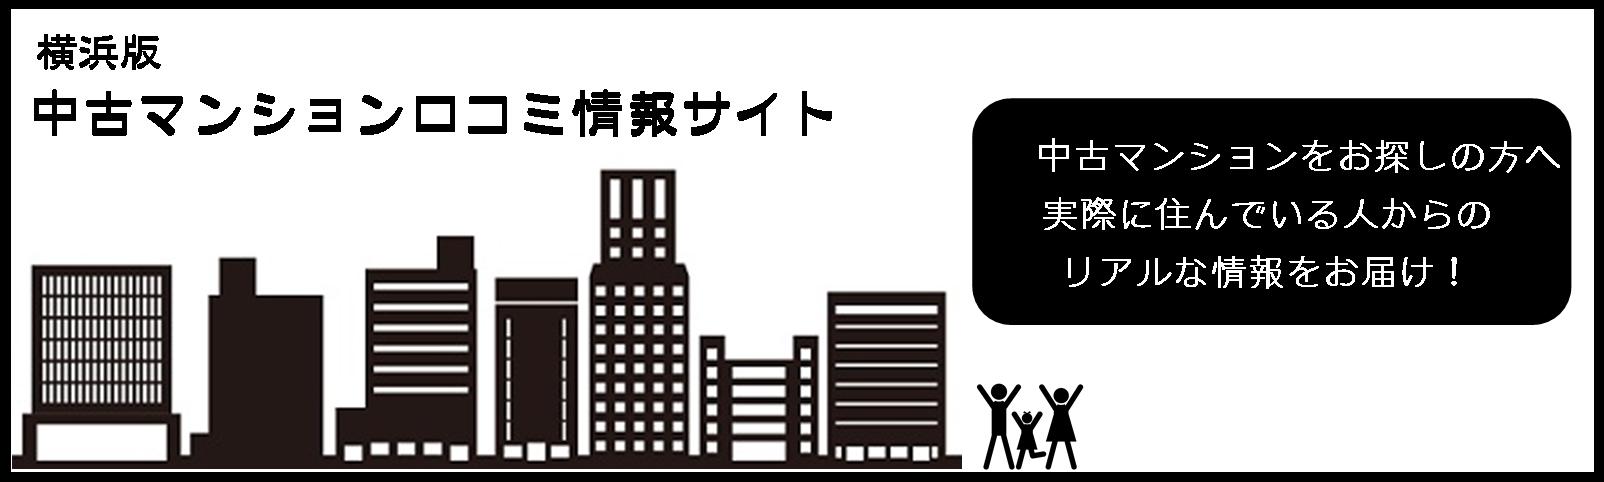 中古マンション情報横浜版、第二大船パークタウンページへのリンク画像